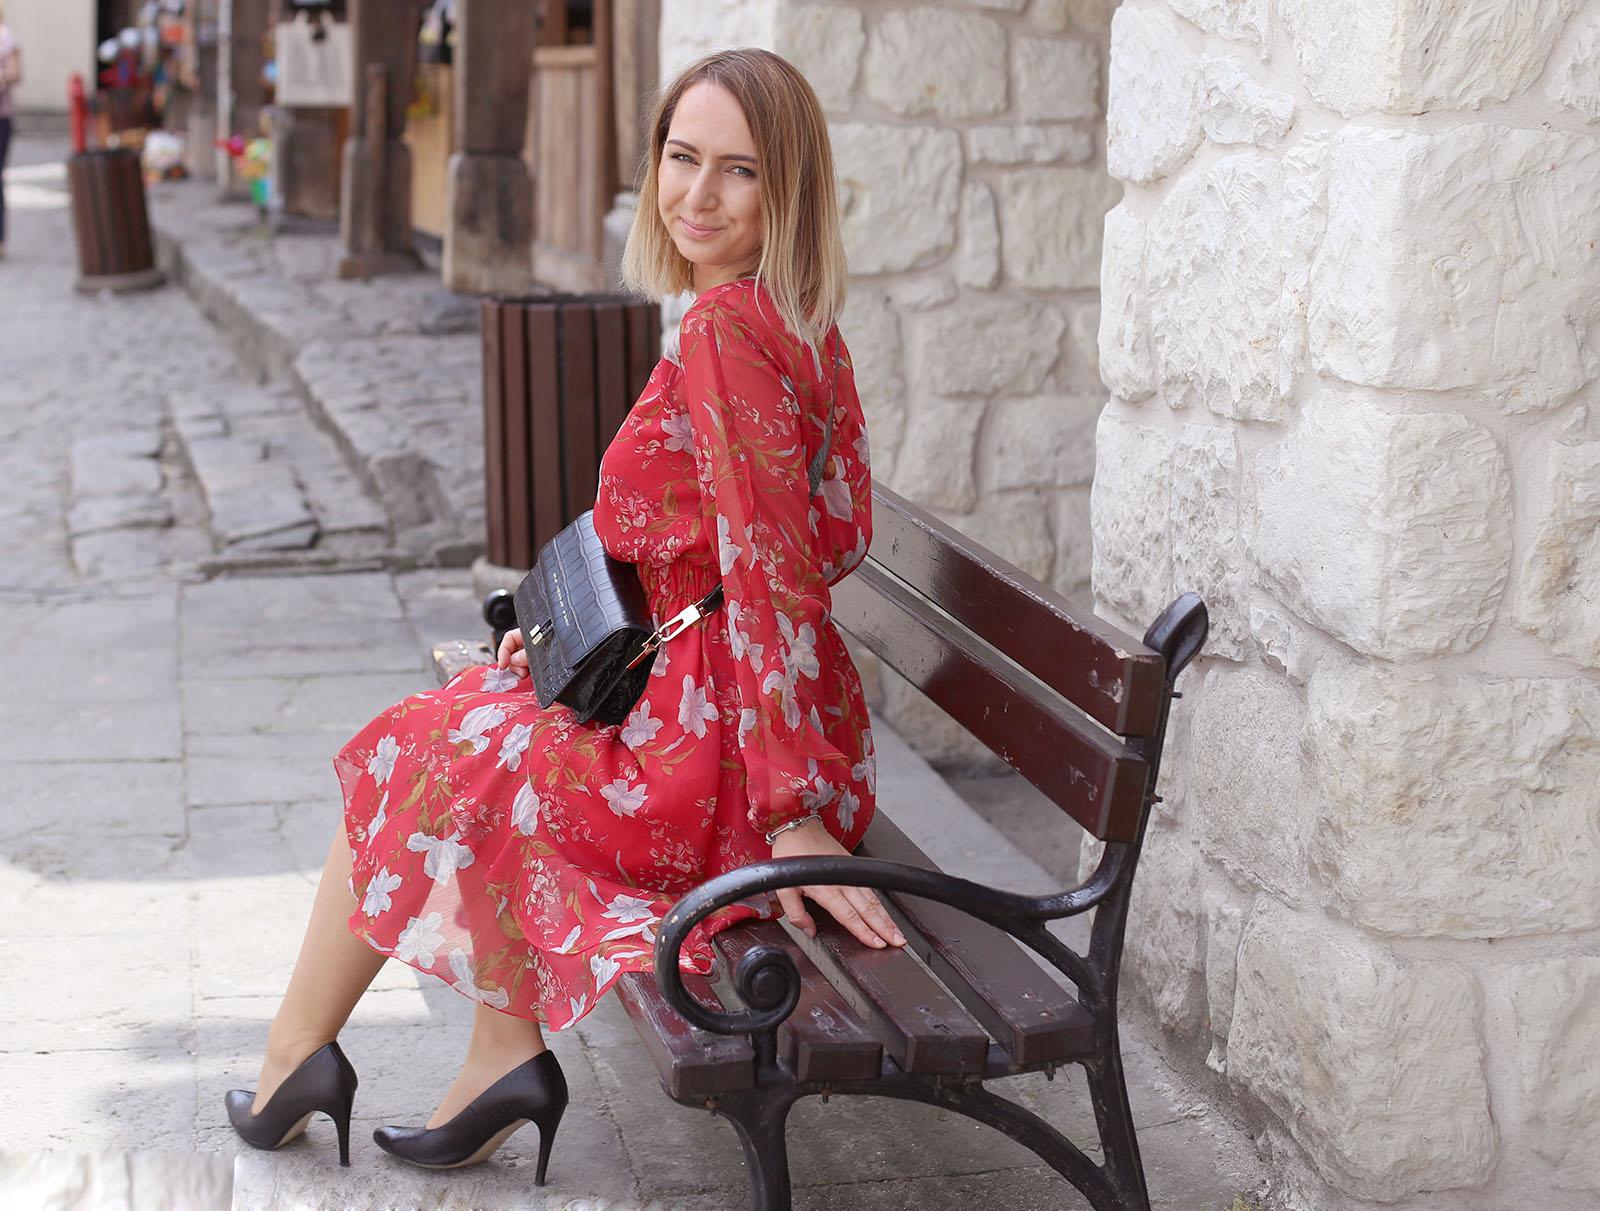 Czerwona sukienka na rynku w Kazimierzu Dolnym